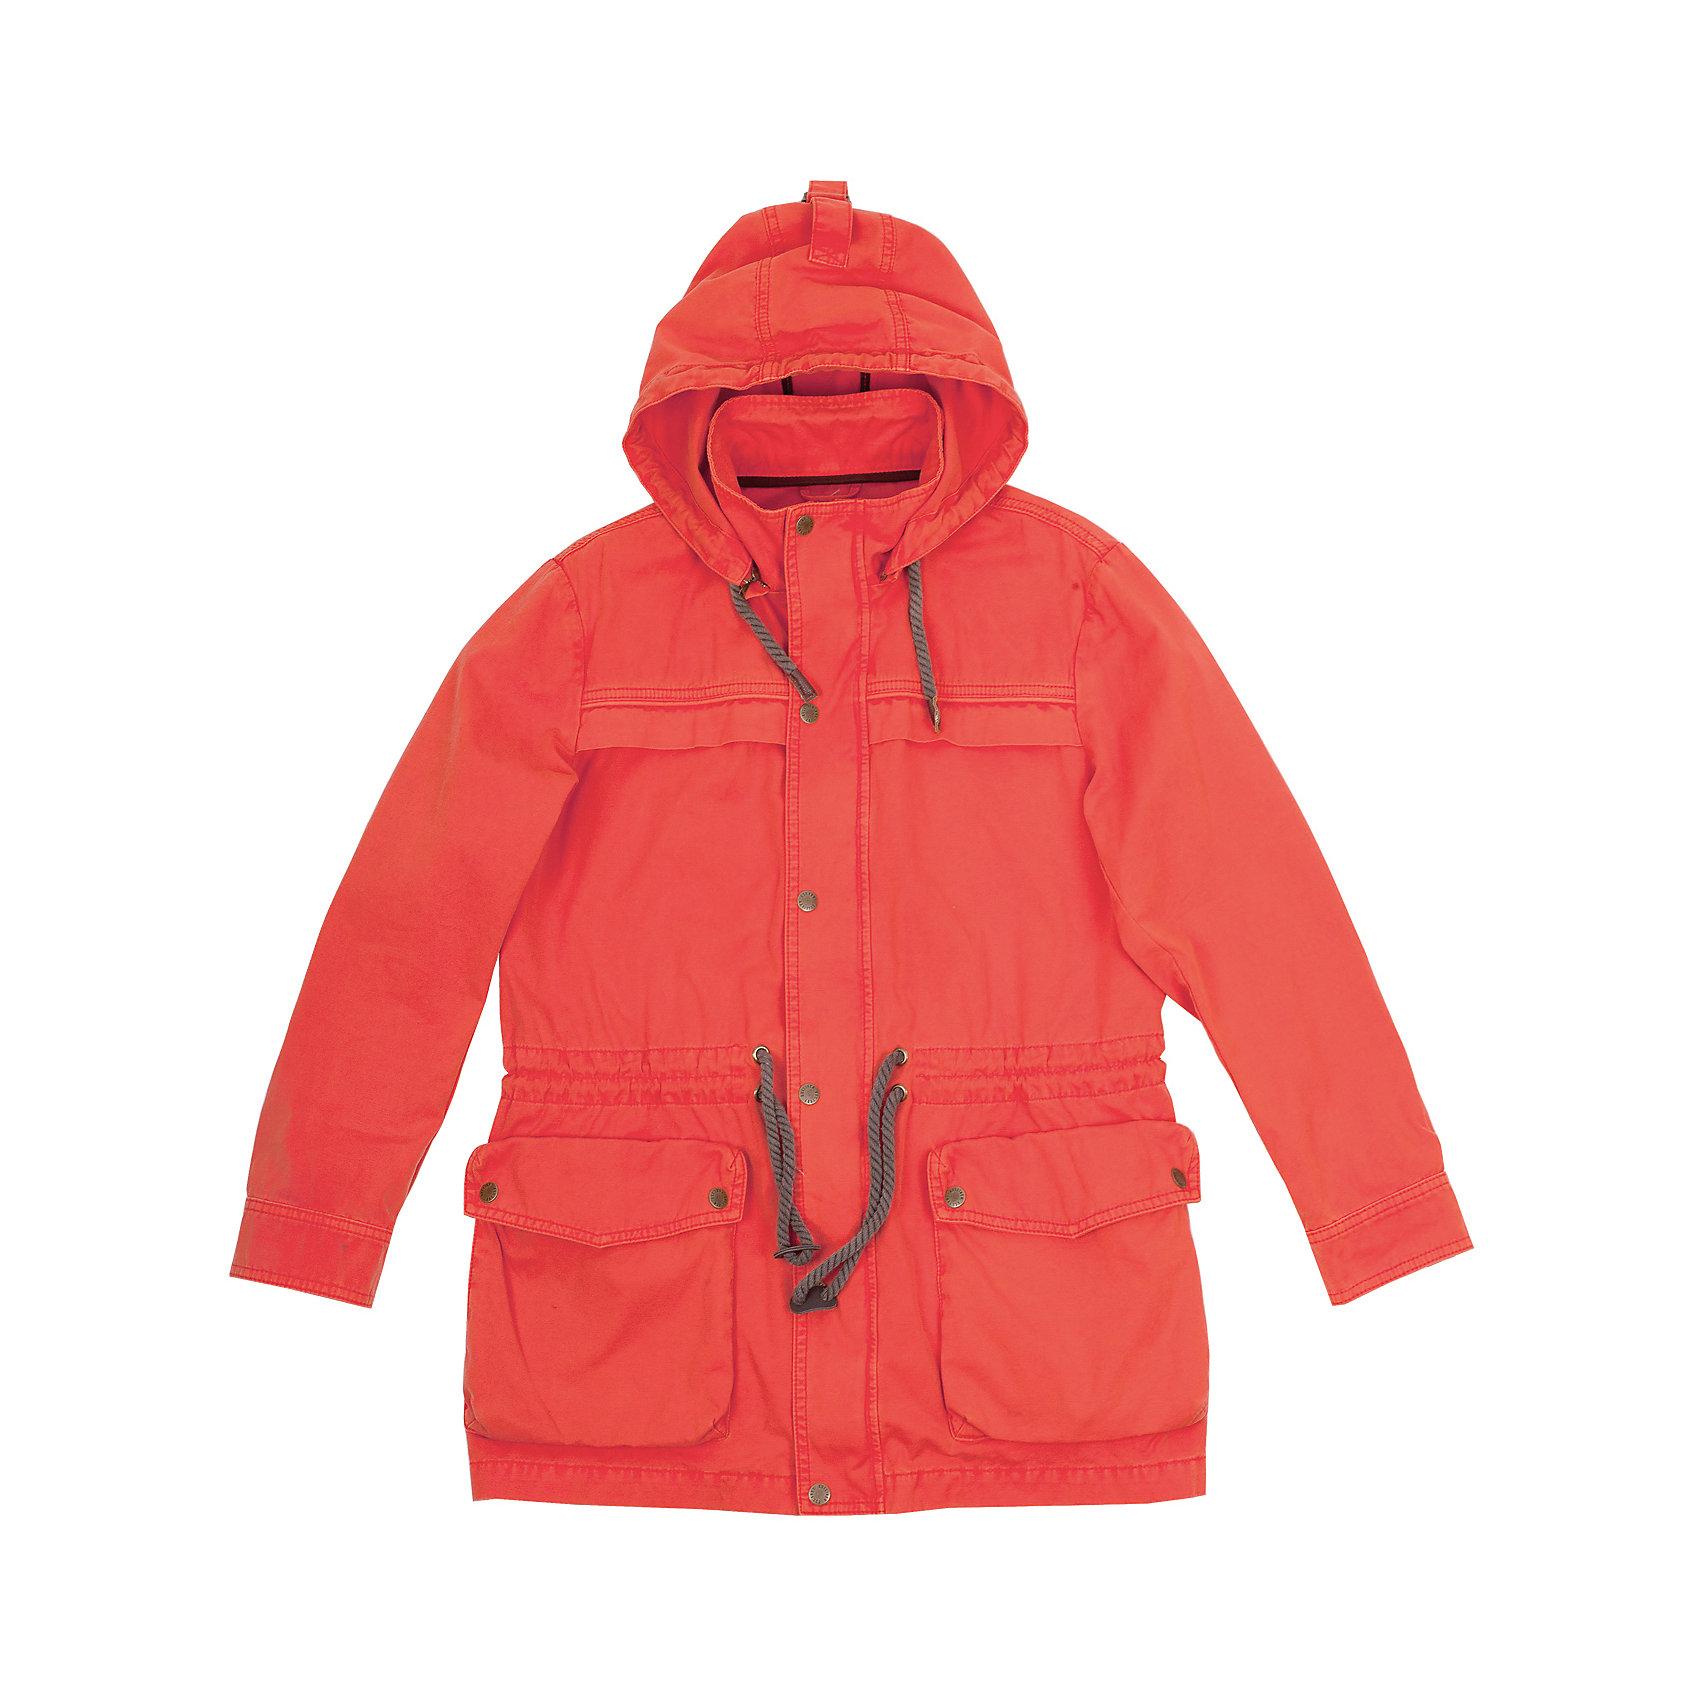 Ветровка для мальчика GulliverВерхняя одежда<br>Куртка- парка - бесспорный хит сезона Весна/Лето 2016! Выполненная в лучших традициях стиля casual, яркая оранжевая парка  -  прекрасный образец модной удлиненной ветровки для мальчика-подростка. Объемные карманы с клапанами, модные налокотники, функциональные детали, стильная брендированная  фурнитура делают эту ветровку-парку ярким, заметным, энергичным изделием коллекции. Эстетичная обработка внутренних швов модели говорит о продуманности и высоком качестве исполнения. Вы хотите купить стильную ветровку для мальчика? Оранжевая куртка-парка даже лучше, чем вы ожидаете! Она настраивает на позитив и активное времяпрепровождение.<br>Состав:<br>100% хлопок<br><br>Ширина мм: 356<br>Глубина мм: 10<br>Высота мм: 245<br>Вес г: 519<br>Цвет: оранжевый<br>Возраст от месяцев: 156<br>Возраст до месяцев: 168<br>Пол: Мужской<br>Возраст: Детский<br>Размер: 164,146,152,158<br>SKU: 4535098